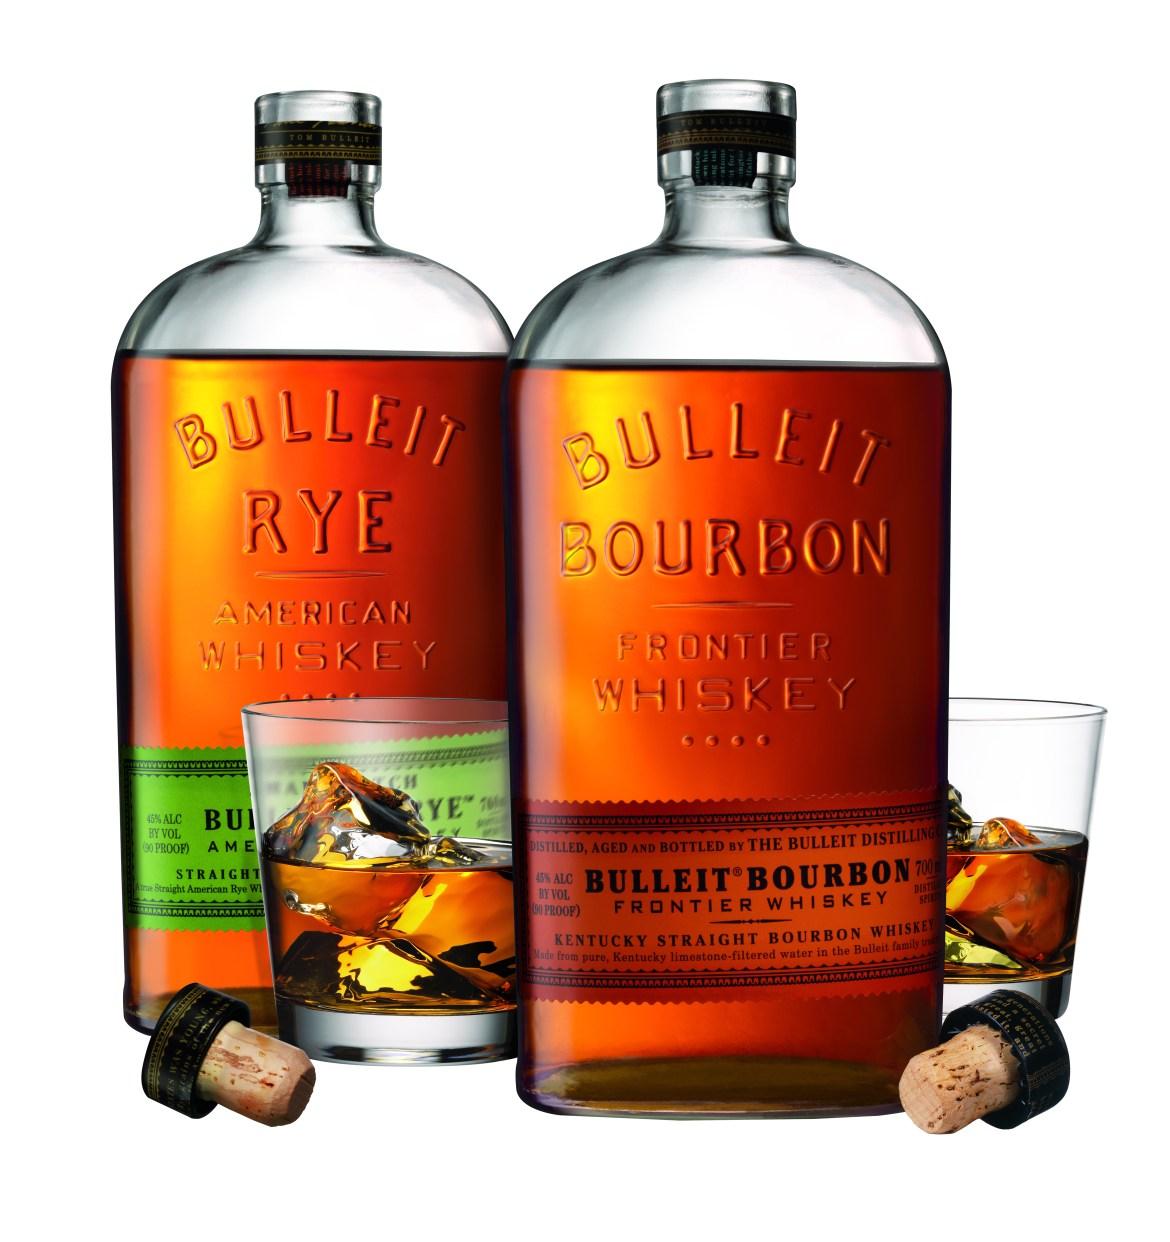 BULLEIT Rye et BULLEIT Bourbon avec verres et bouchons